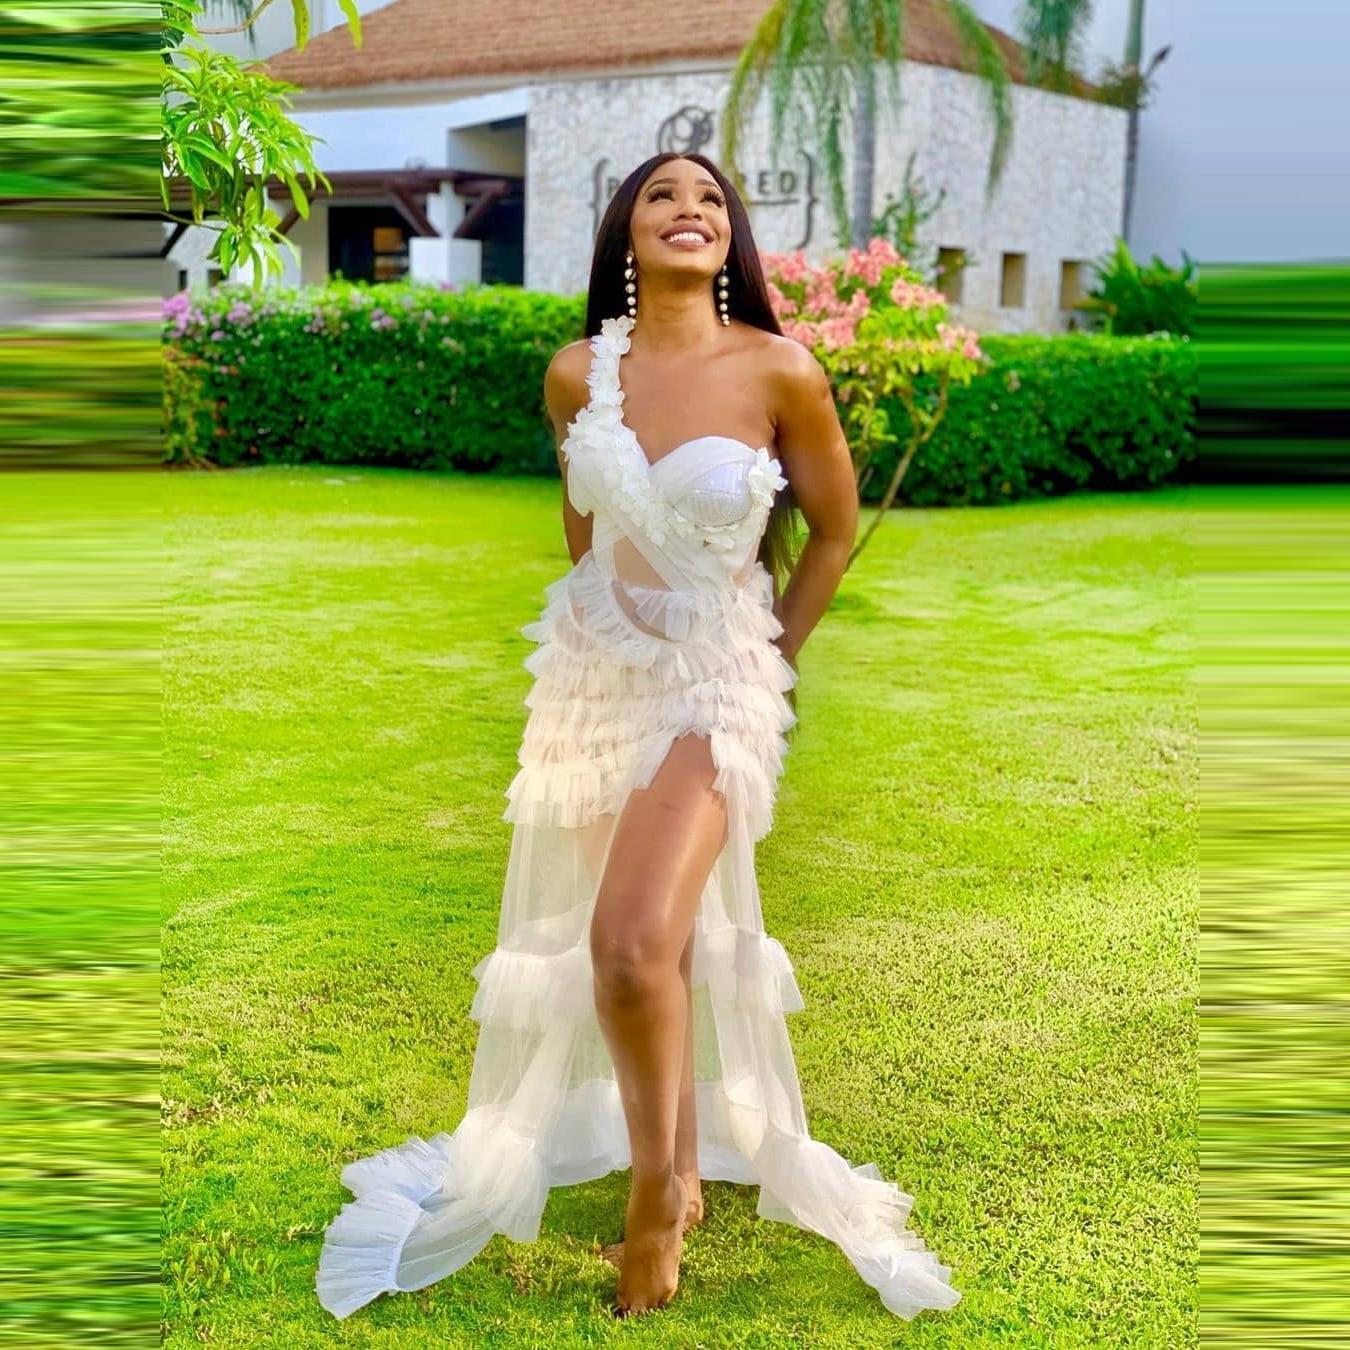 Пикантное прозрачное свадебное платье Aso ebi с разрезом, платье для выпускного вечера и коктейльной вечеринки, индивидуальная Настройка